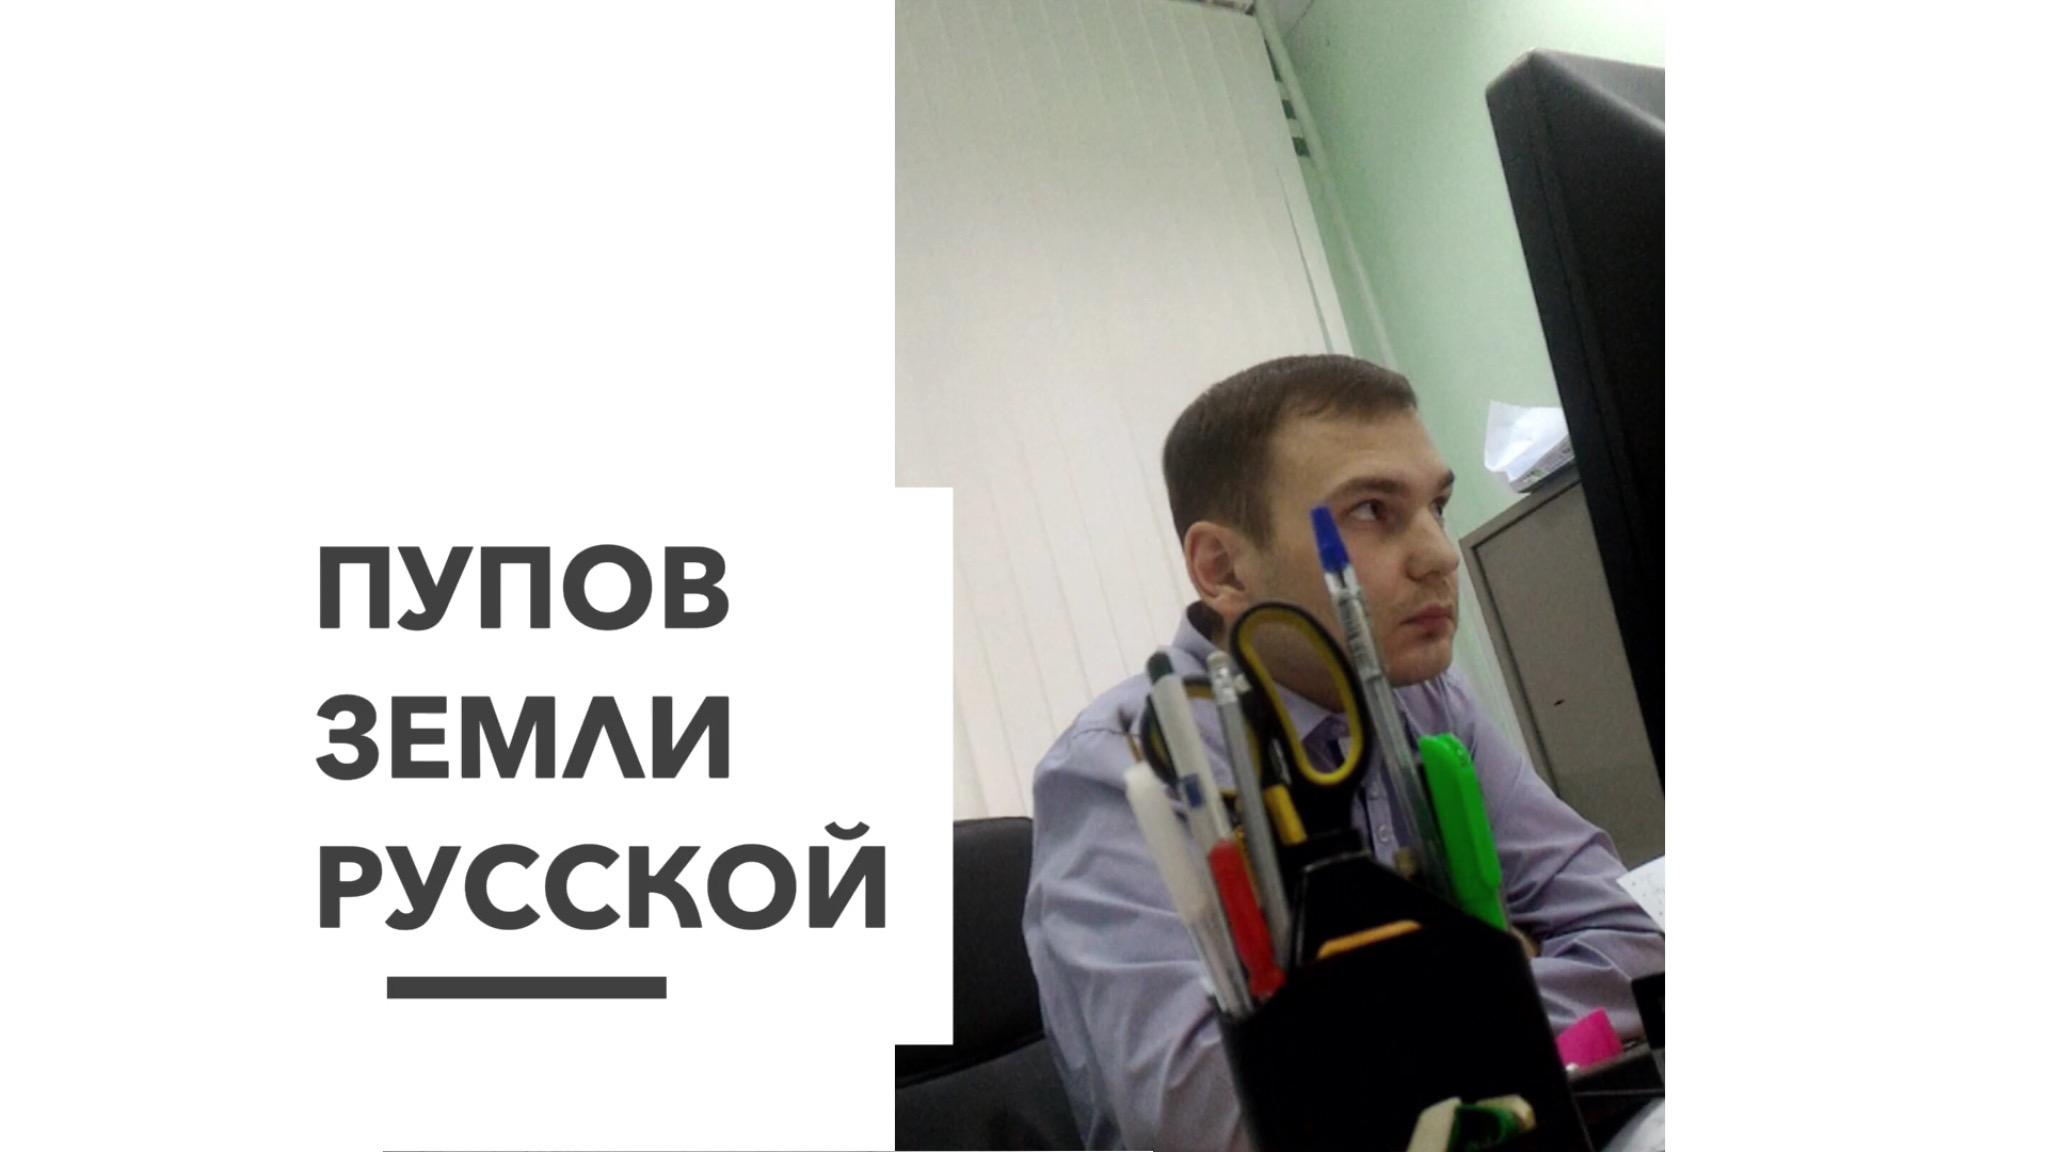 Пупов земли русской